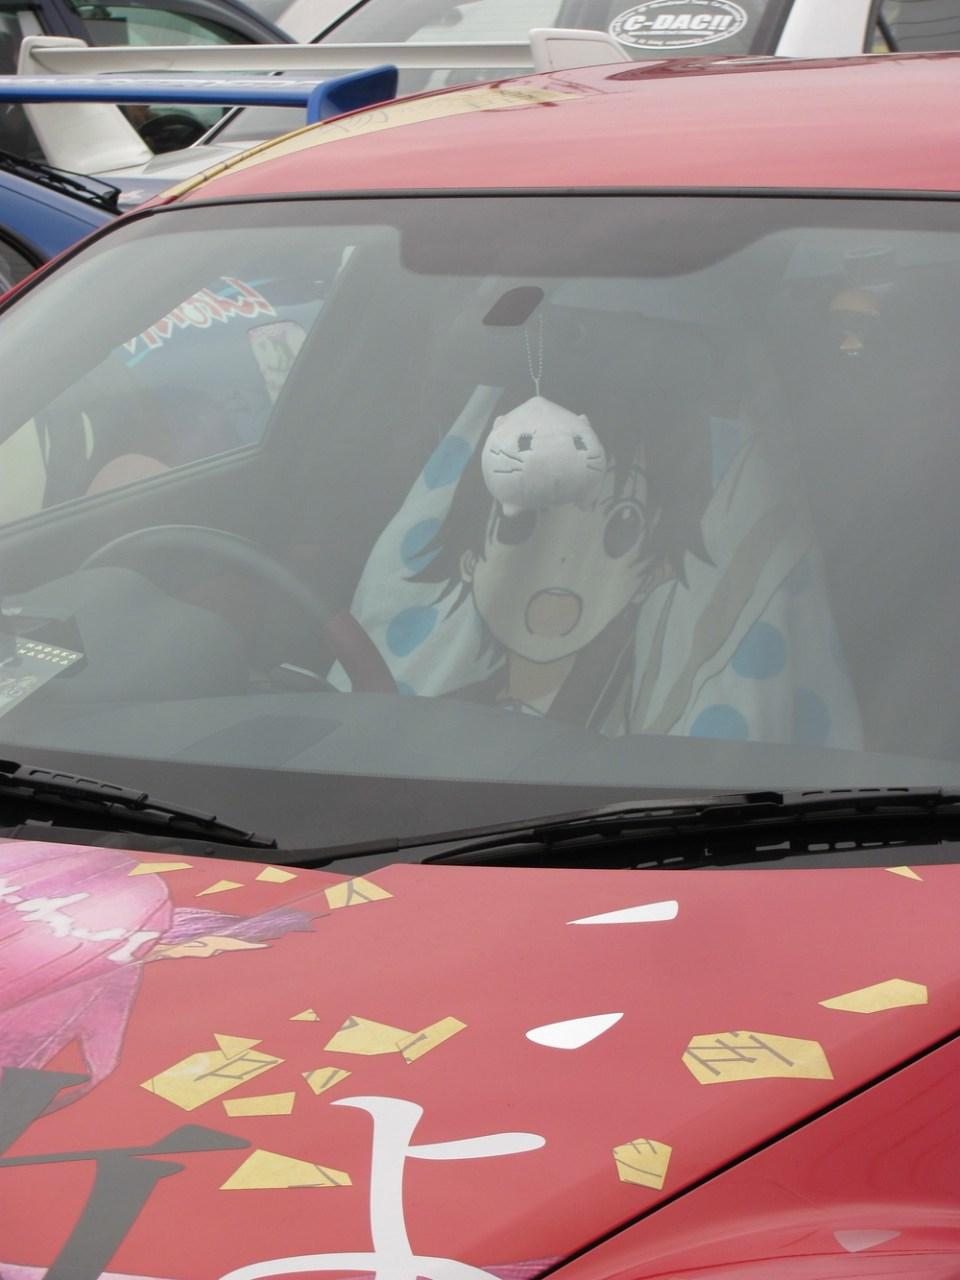 Japanese Anime Themed Cars